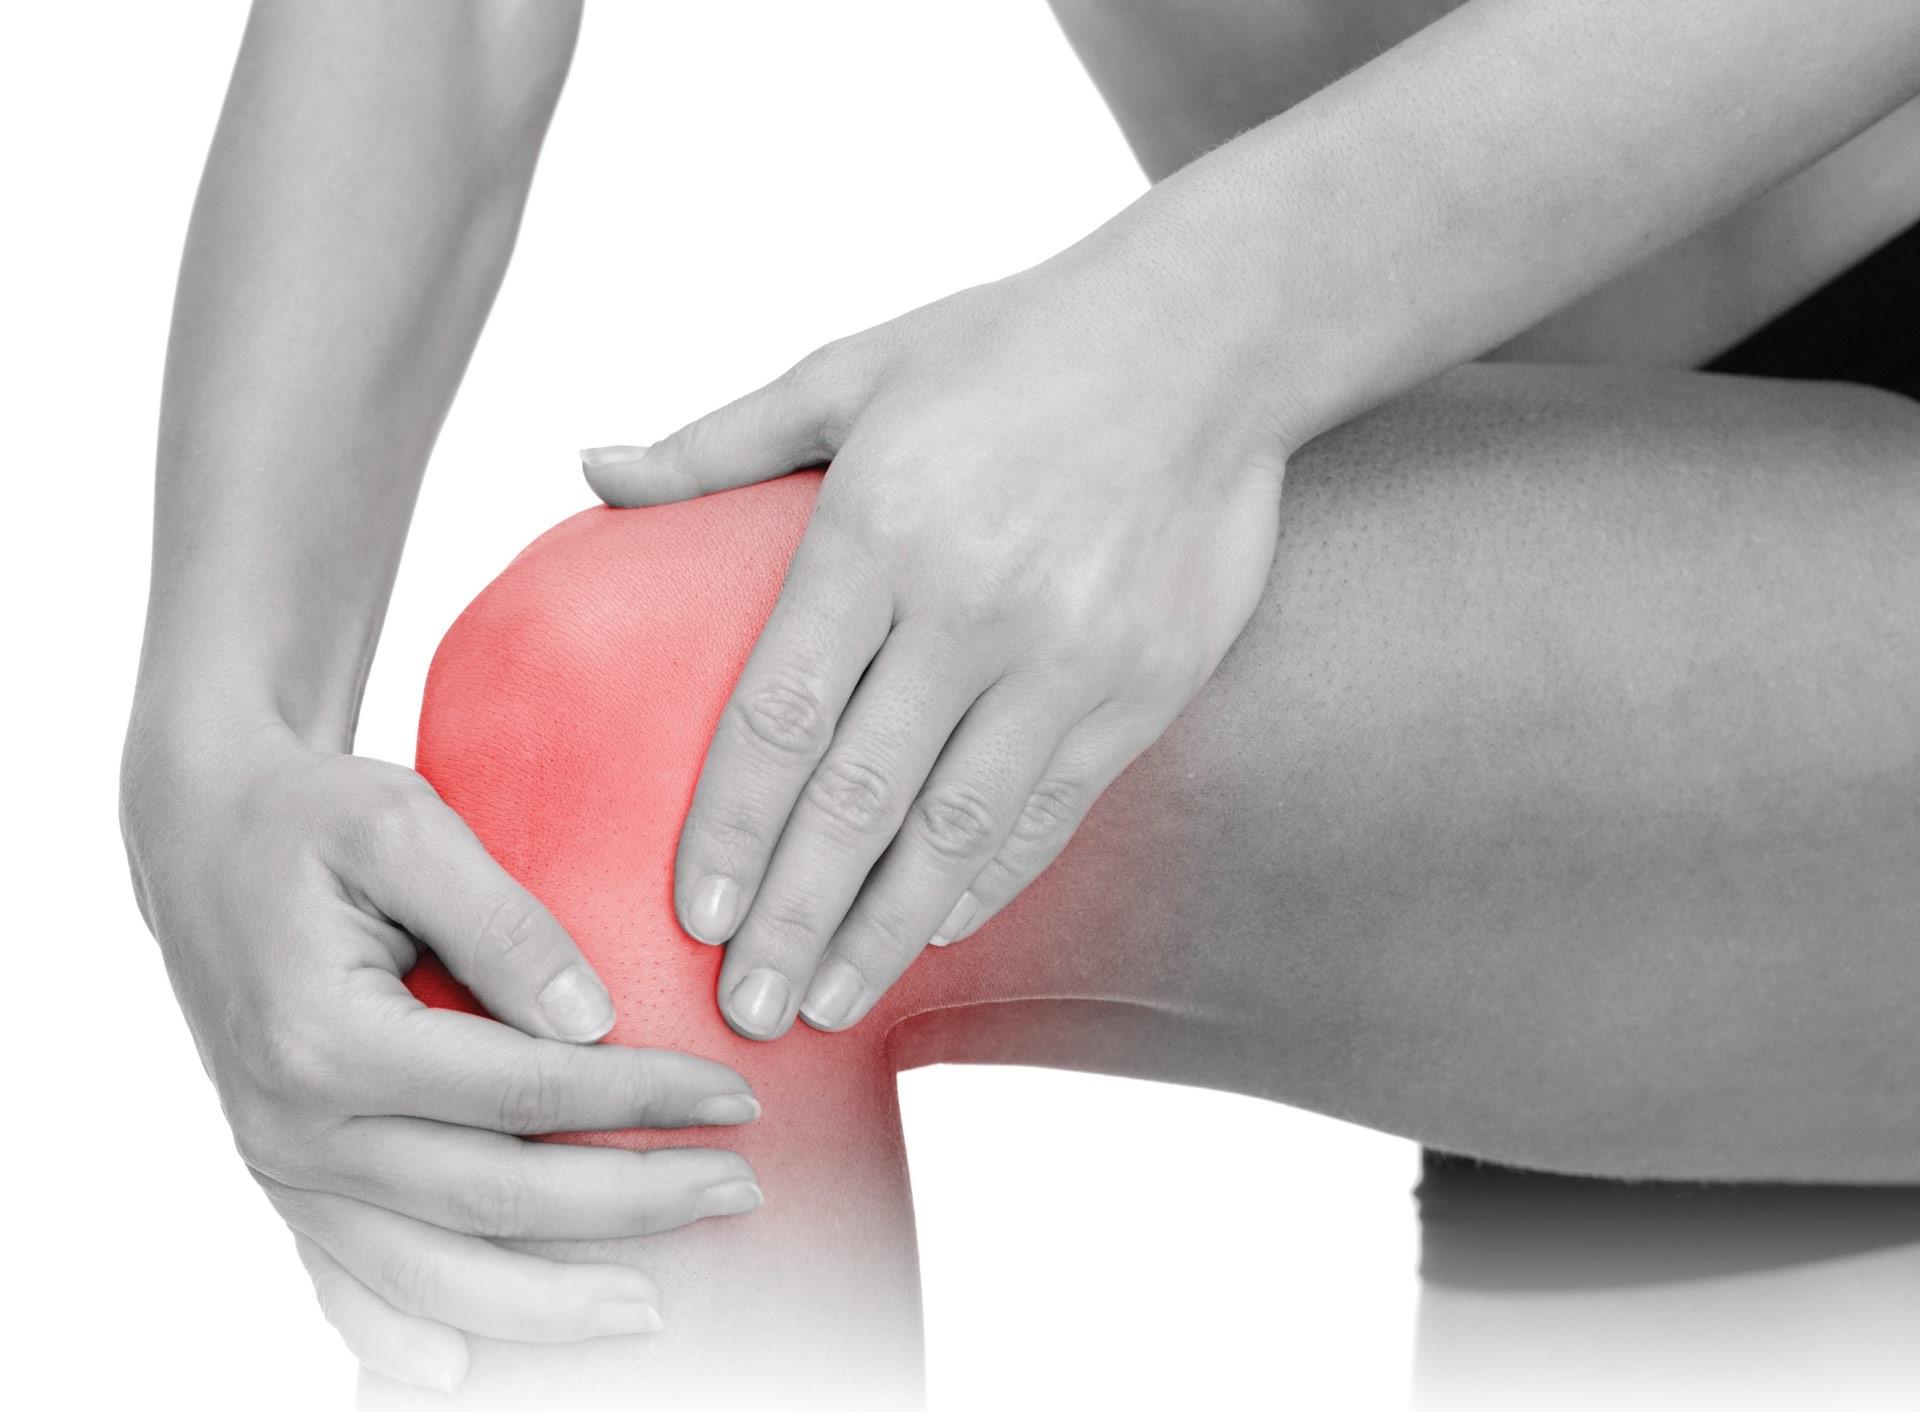 csípő-sprain helyreállítási idő az ujjak rheumatoid arthritis első tünetei